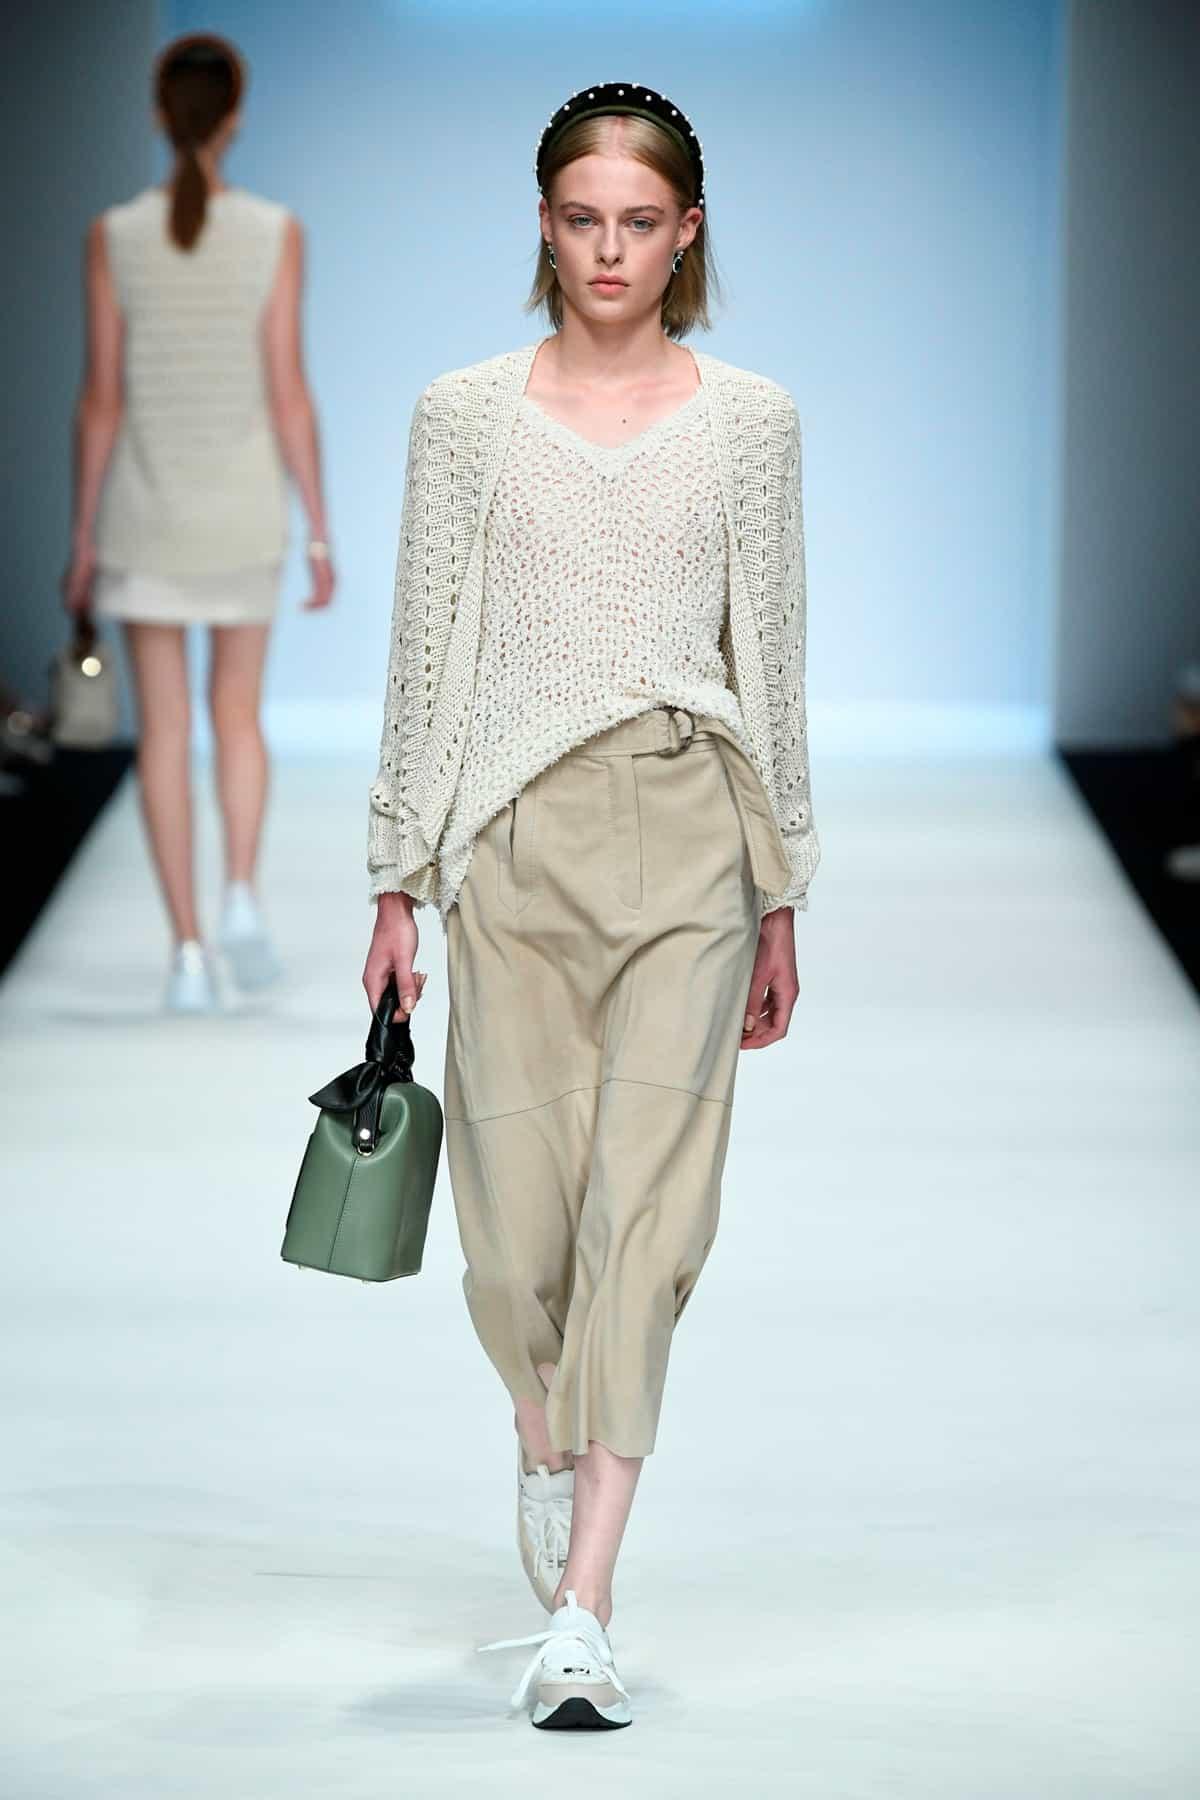 Riani Frühjahr-Sommer-Mode 2020 auf der Mercedes-Benz Fashion Week Berlin im Juli 2019 - 4